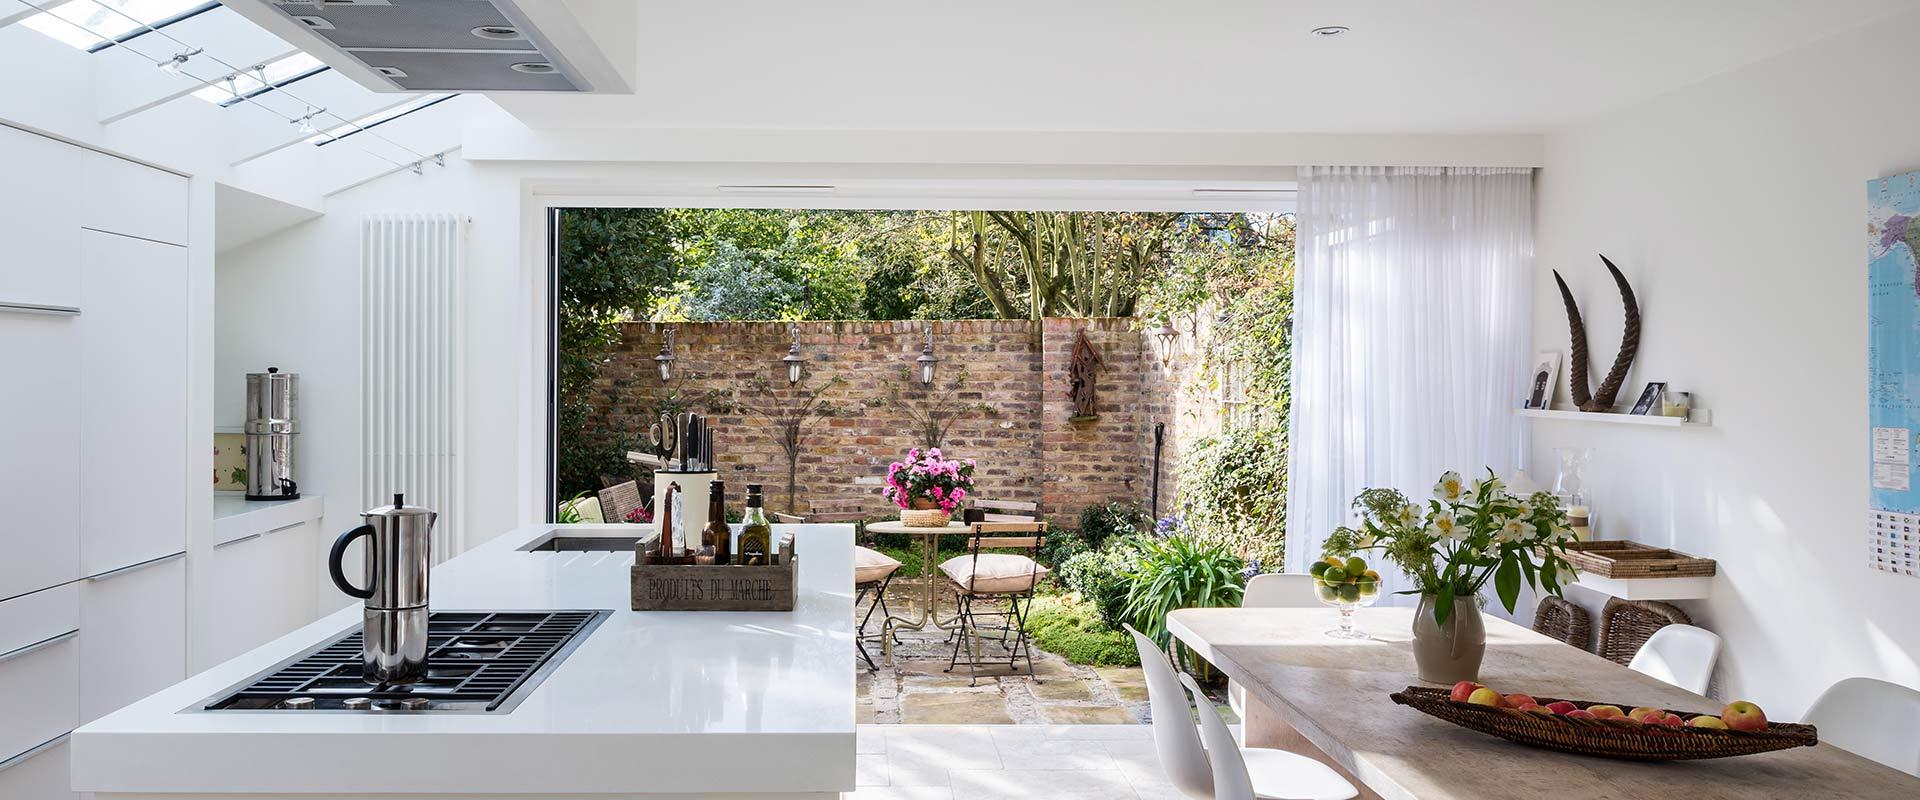 garden view of aluminium bifold doors for kitchen extension by Bi Fold Doors UK